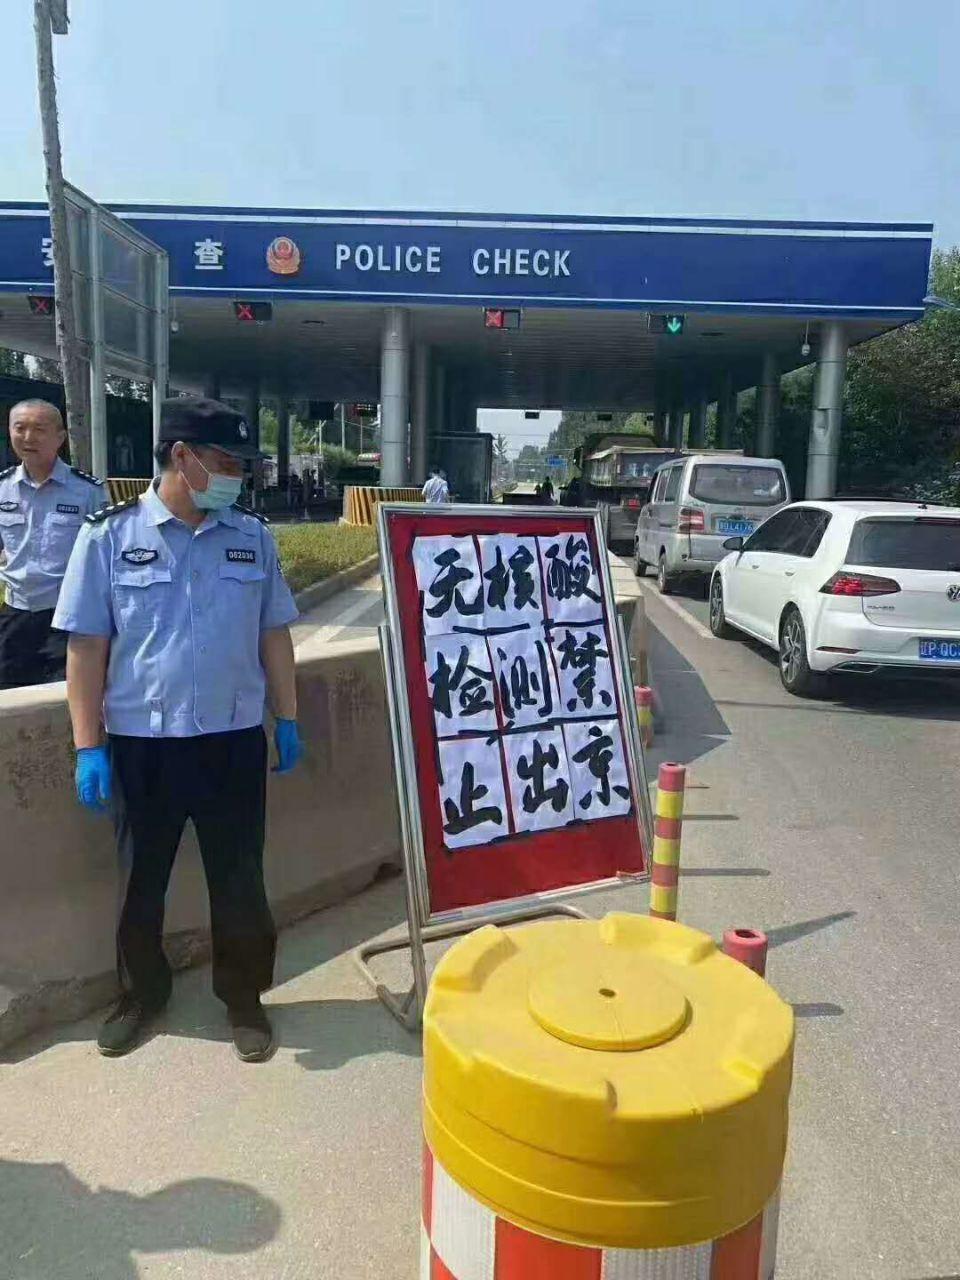 北京街頭到處都是警察和警車。(受訪者提供 )